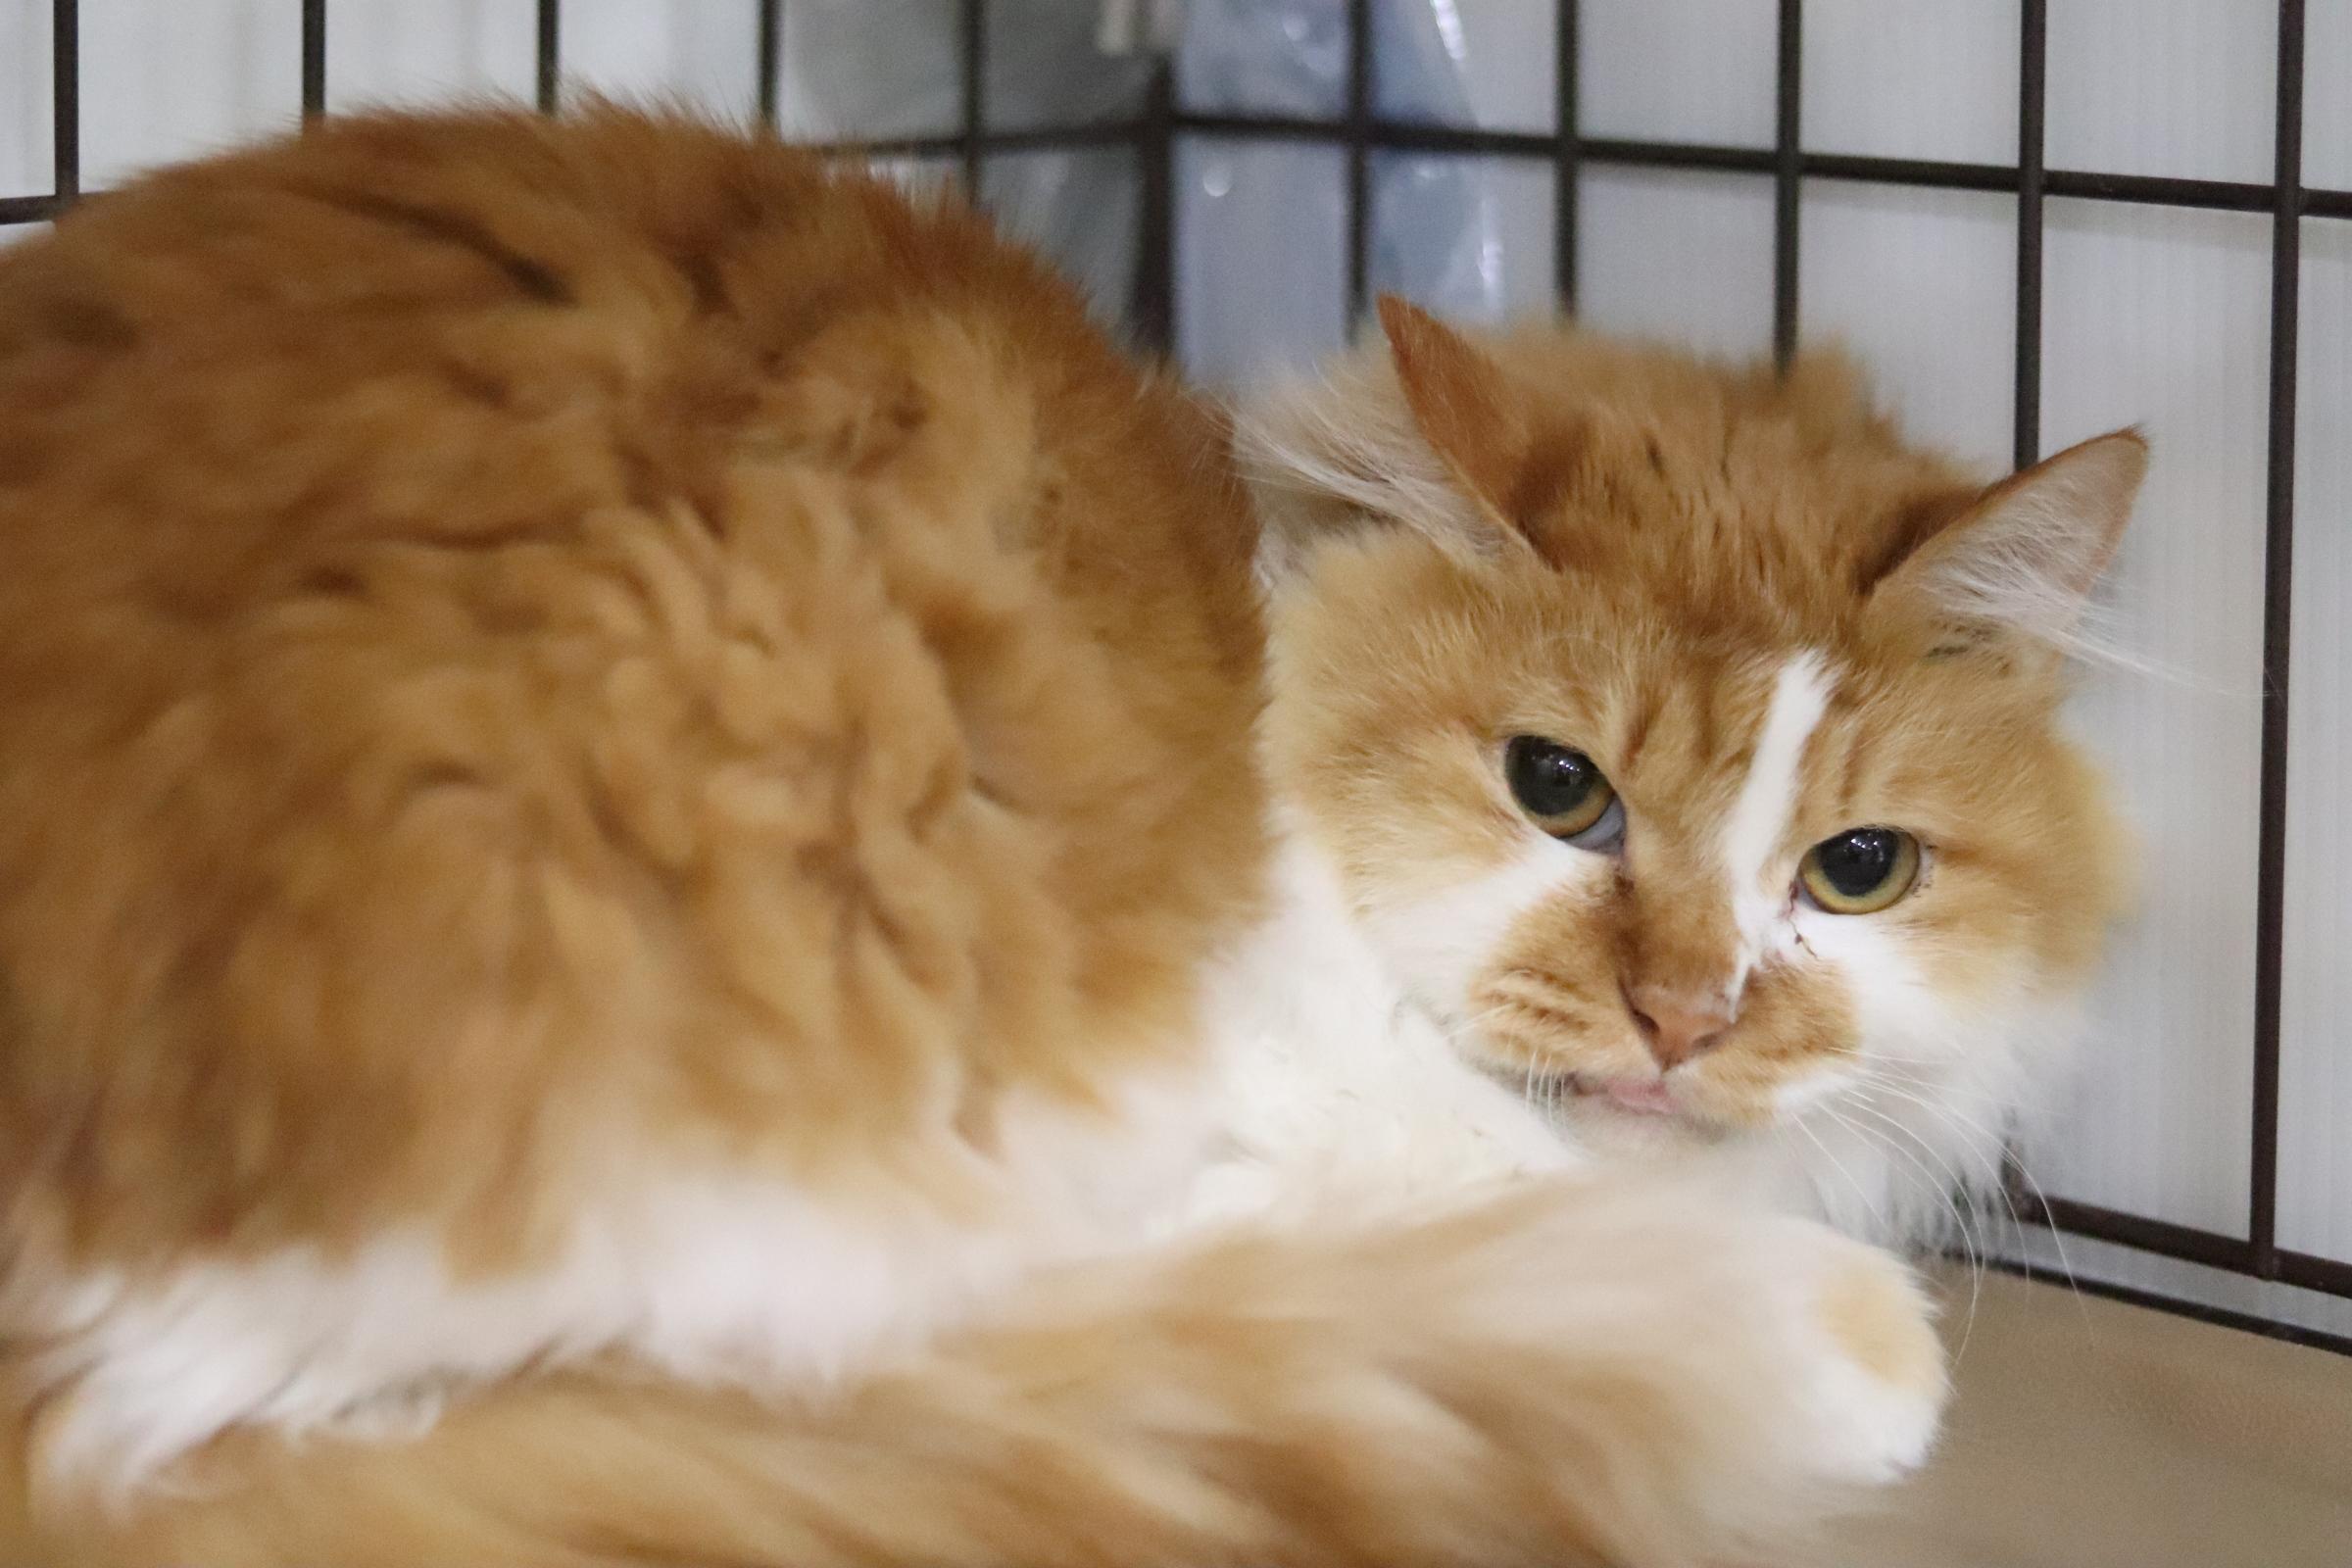 <ul> <li>猫種:日本猫</li> <li>性別:男の子</li> <li>名前:ボス</li> <li>年齢:2014〜2015年生まれ</li> <li>保護経緯:飼い主の病気療養のため飼育困難</li> </ul>